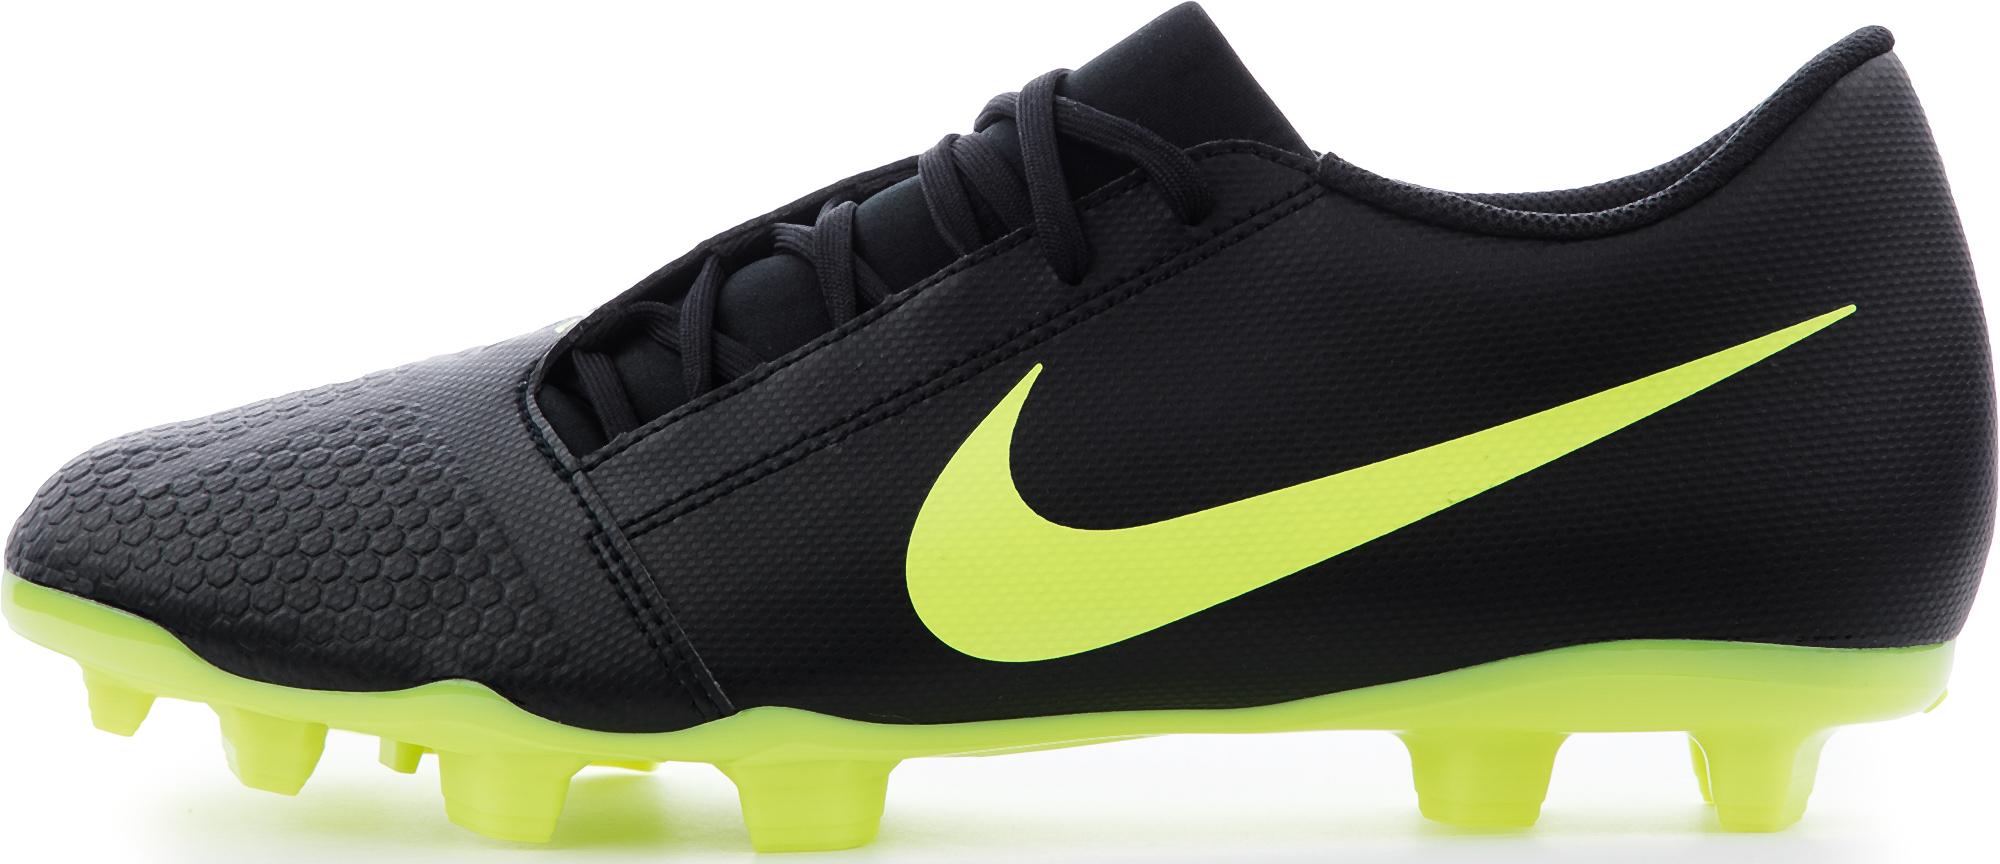 Nike Бутсы мужские Nike Phantom Venom Club Fg, размер 44,5 цена